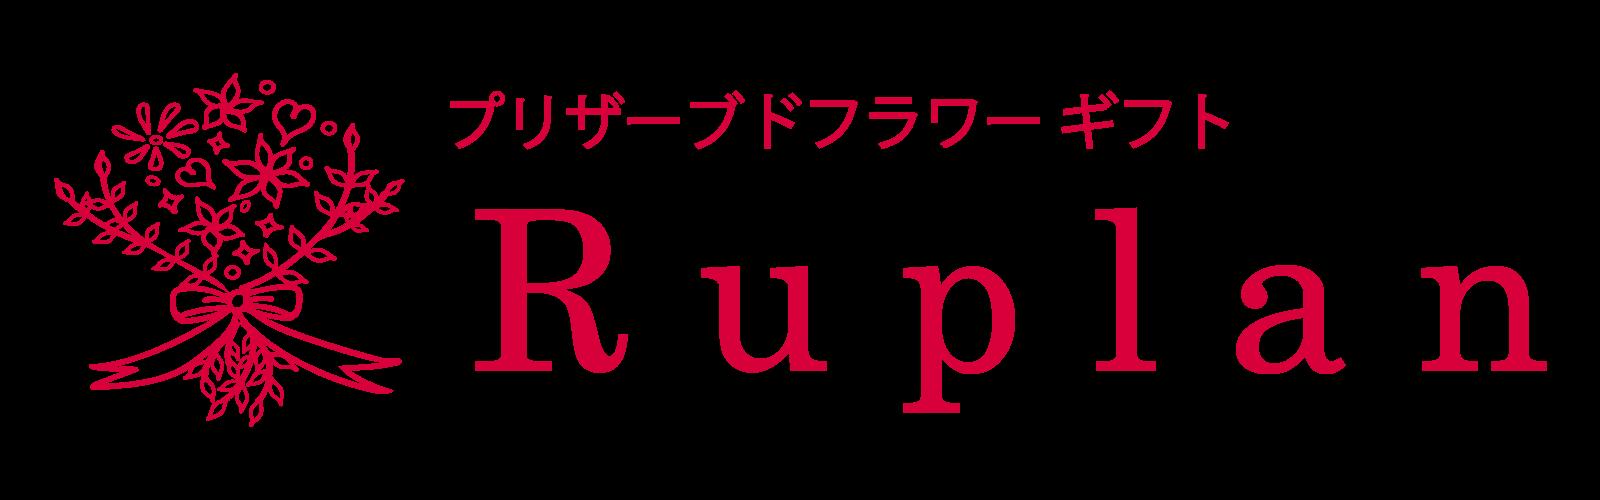 プリザーブドフラワー ギフト Ruplan楽天市場店